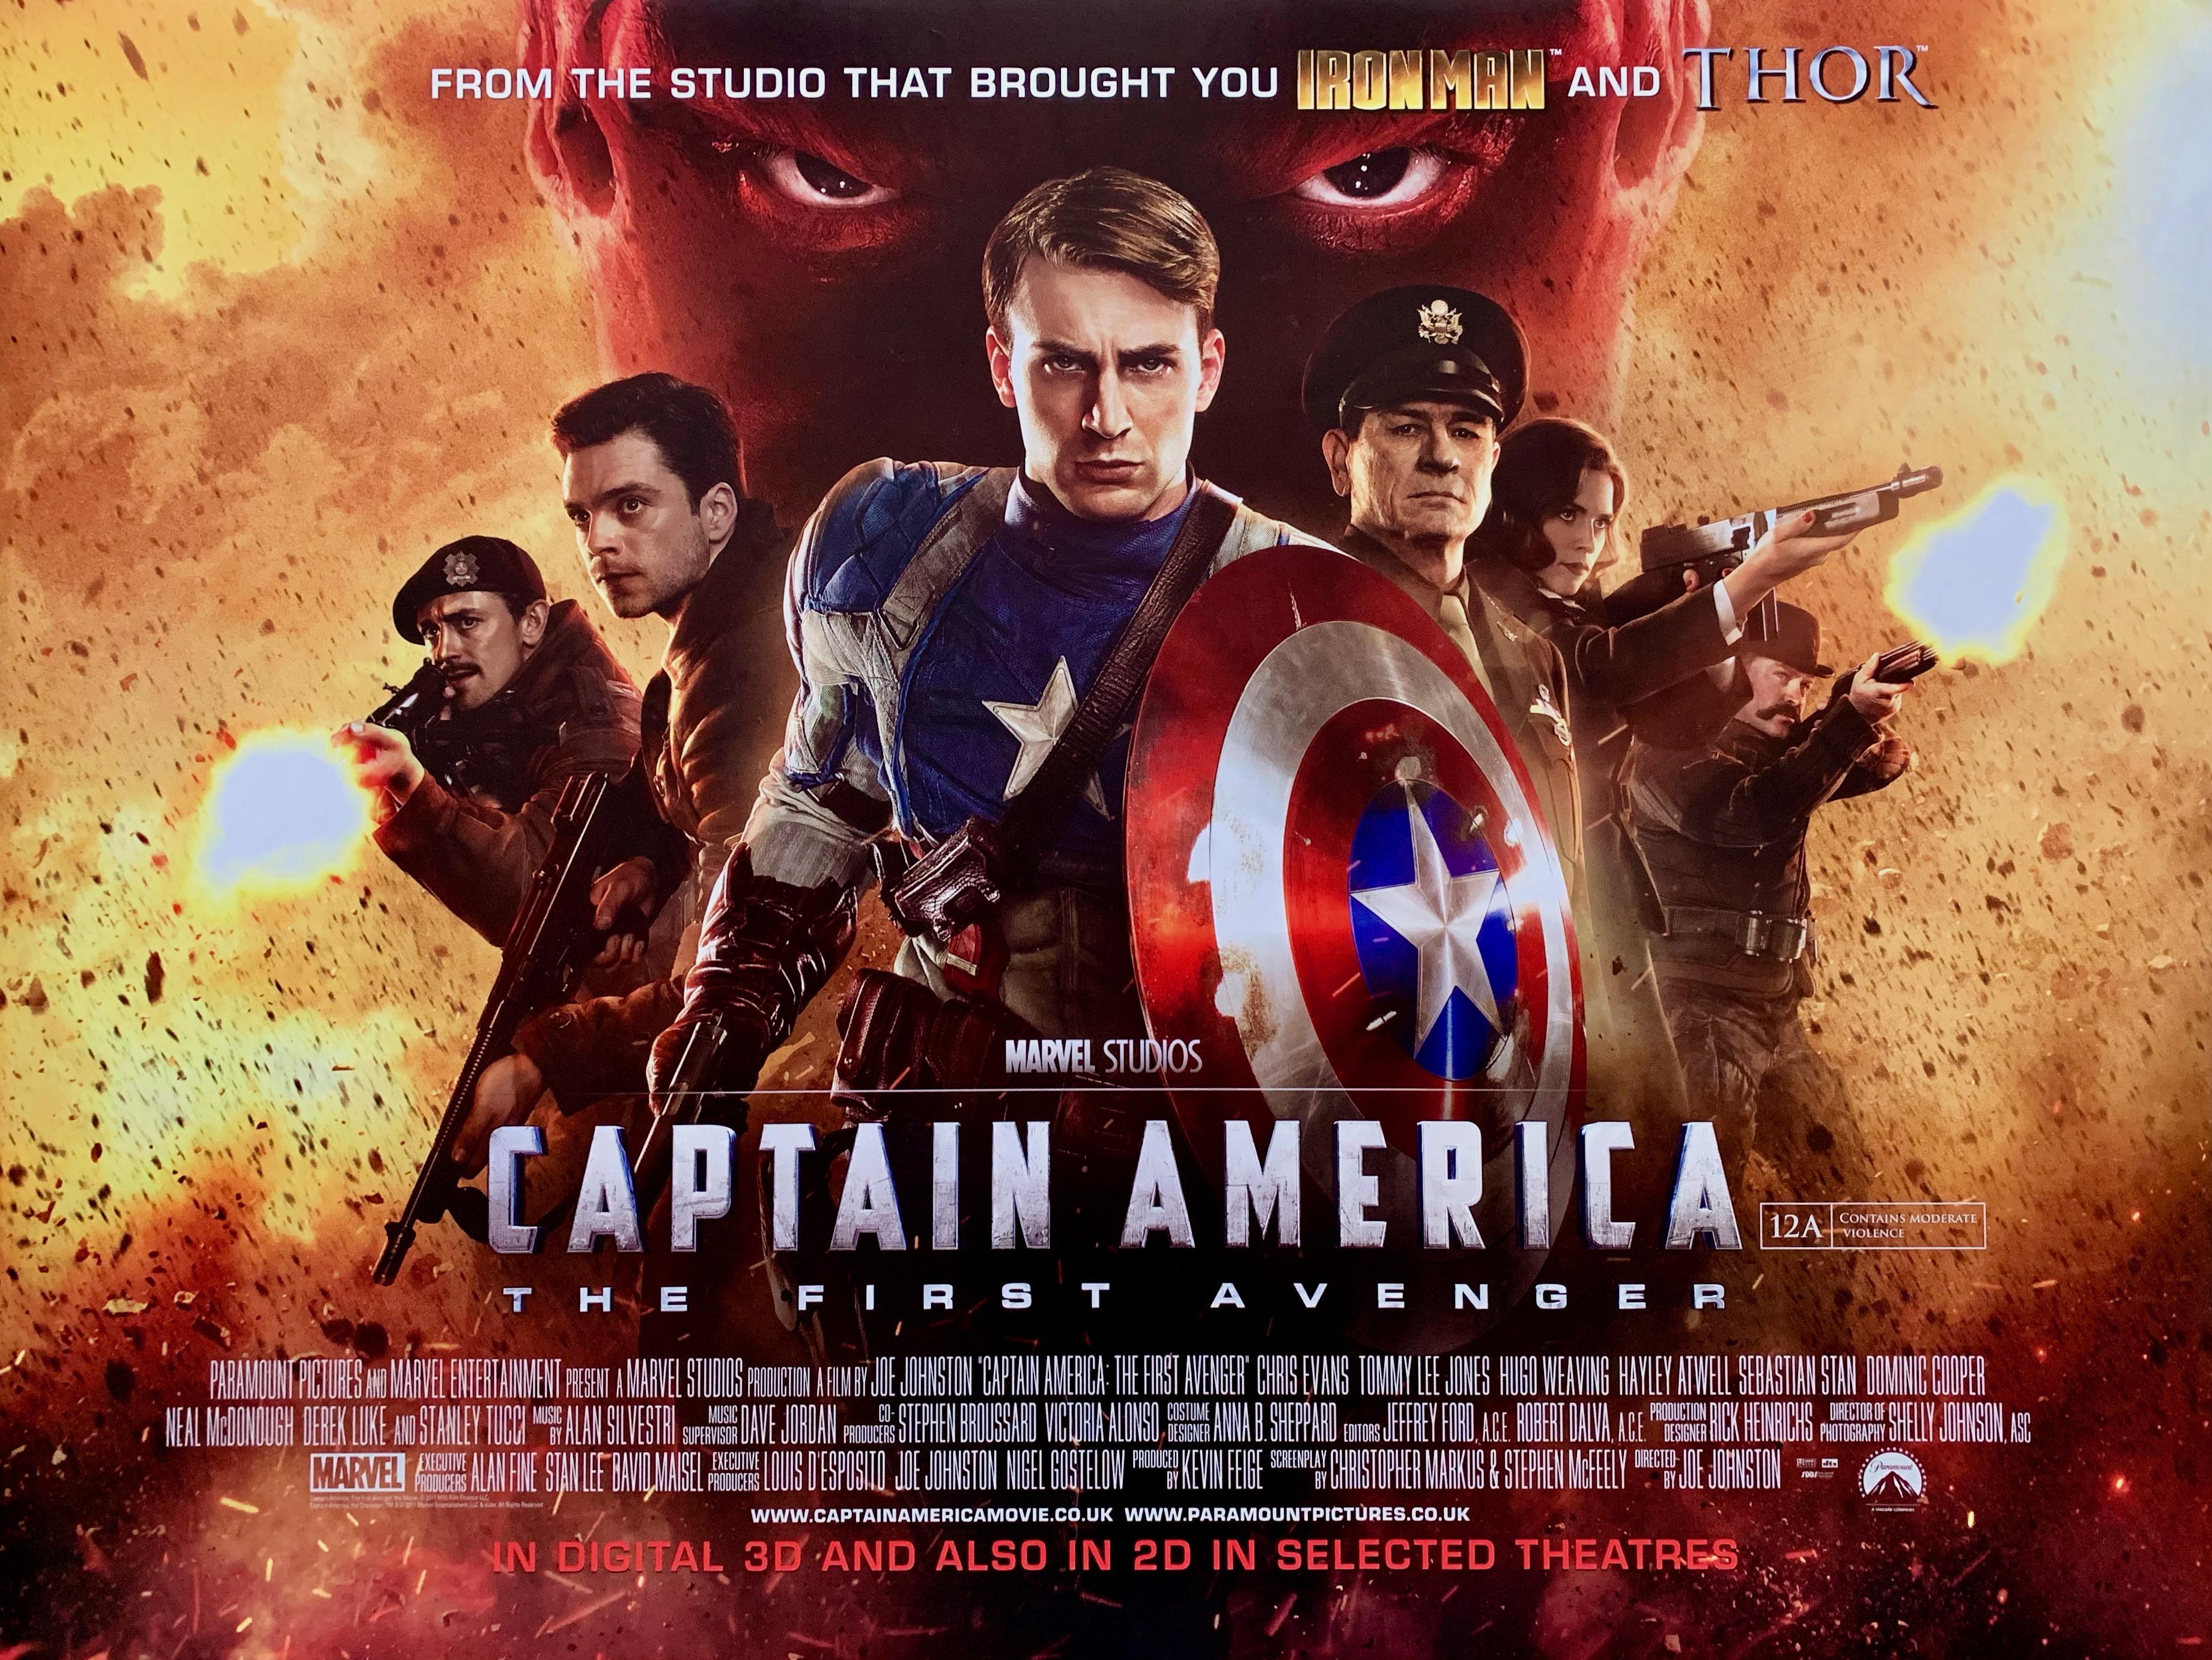 Captain America: The First Avenger Movie Poster - Super Hero - Marvel